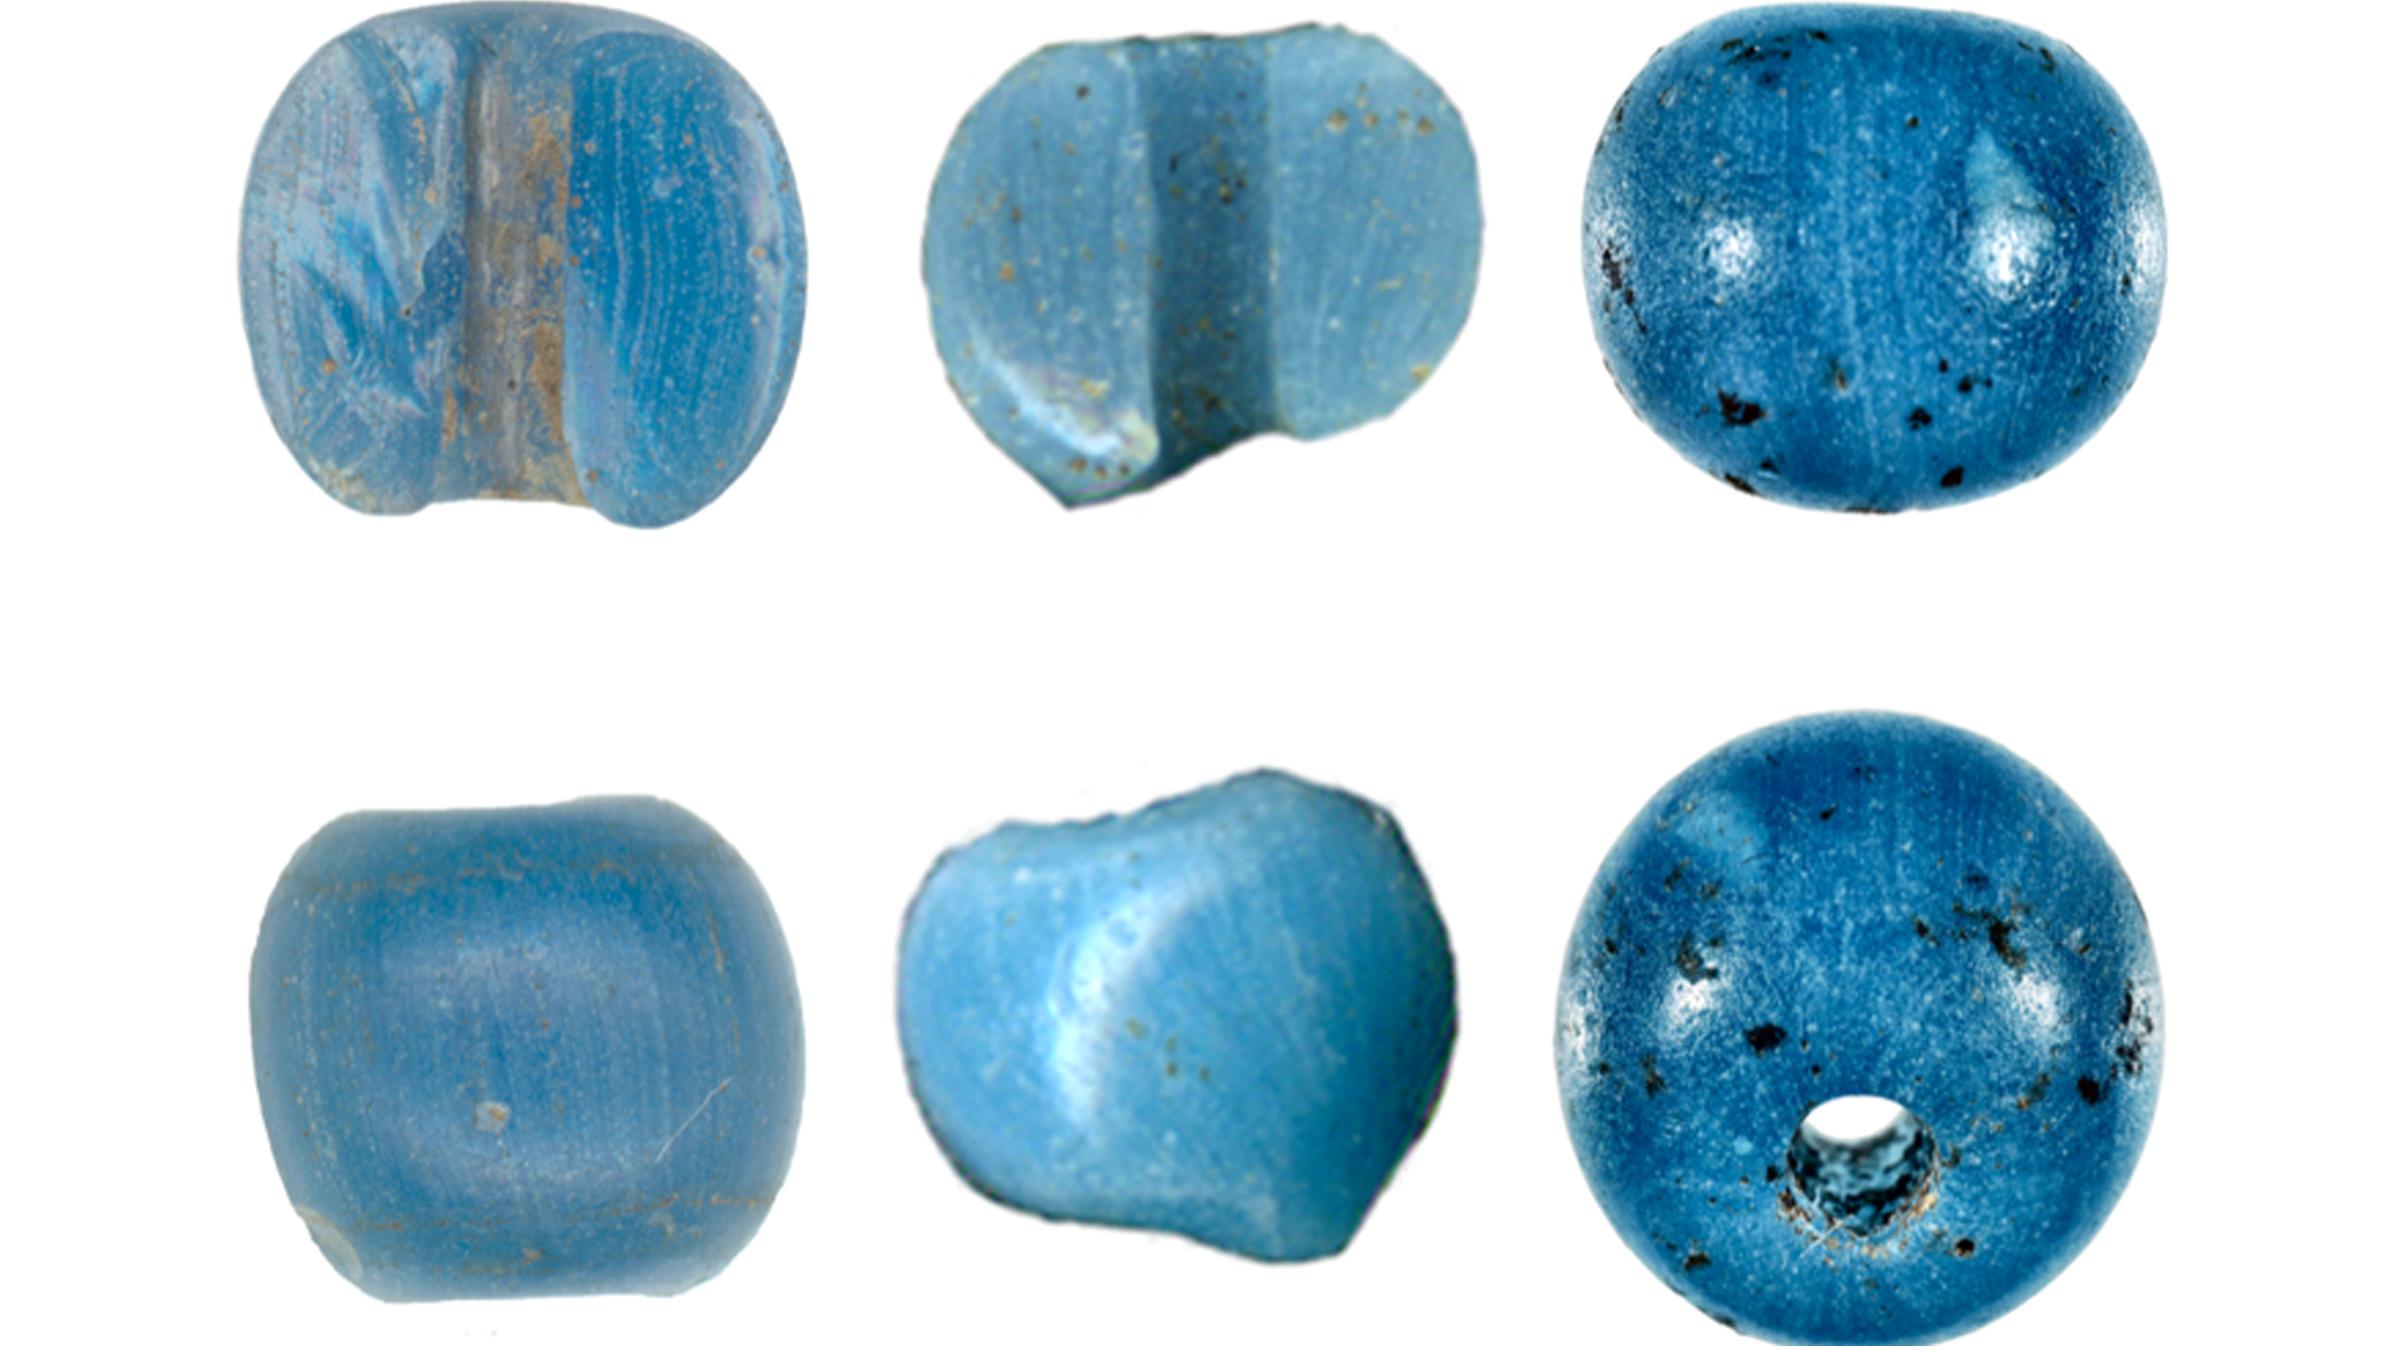 Ces trois perles (chacune représentée sous deux angles) ont été trouvées près du lac Kaiyak (à gauche), du lac Kinyiksugvik (au centre) et de Punyik Point en Alaska.